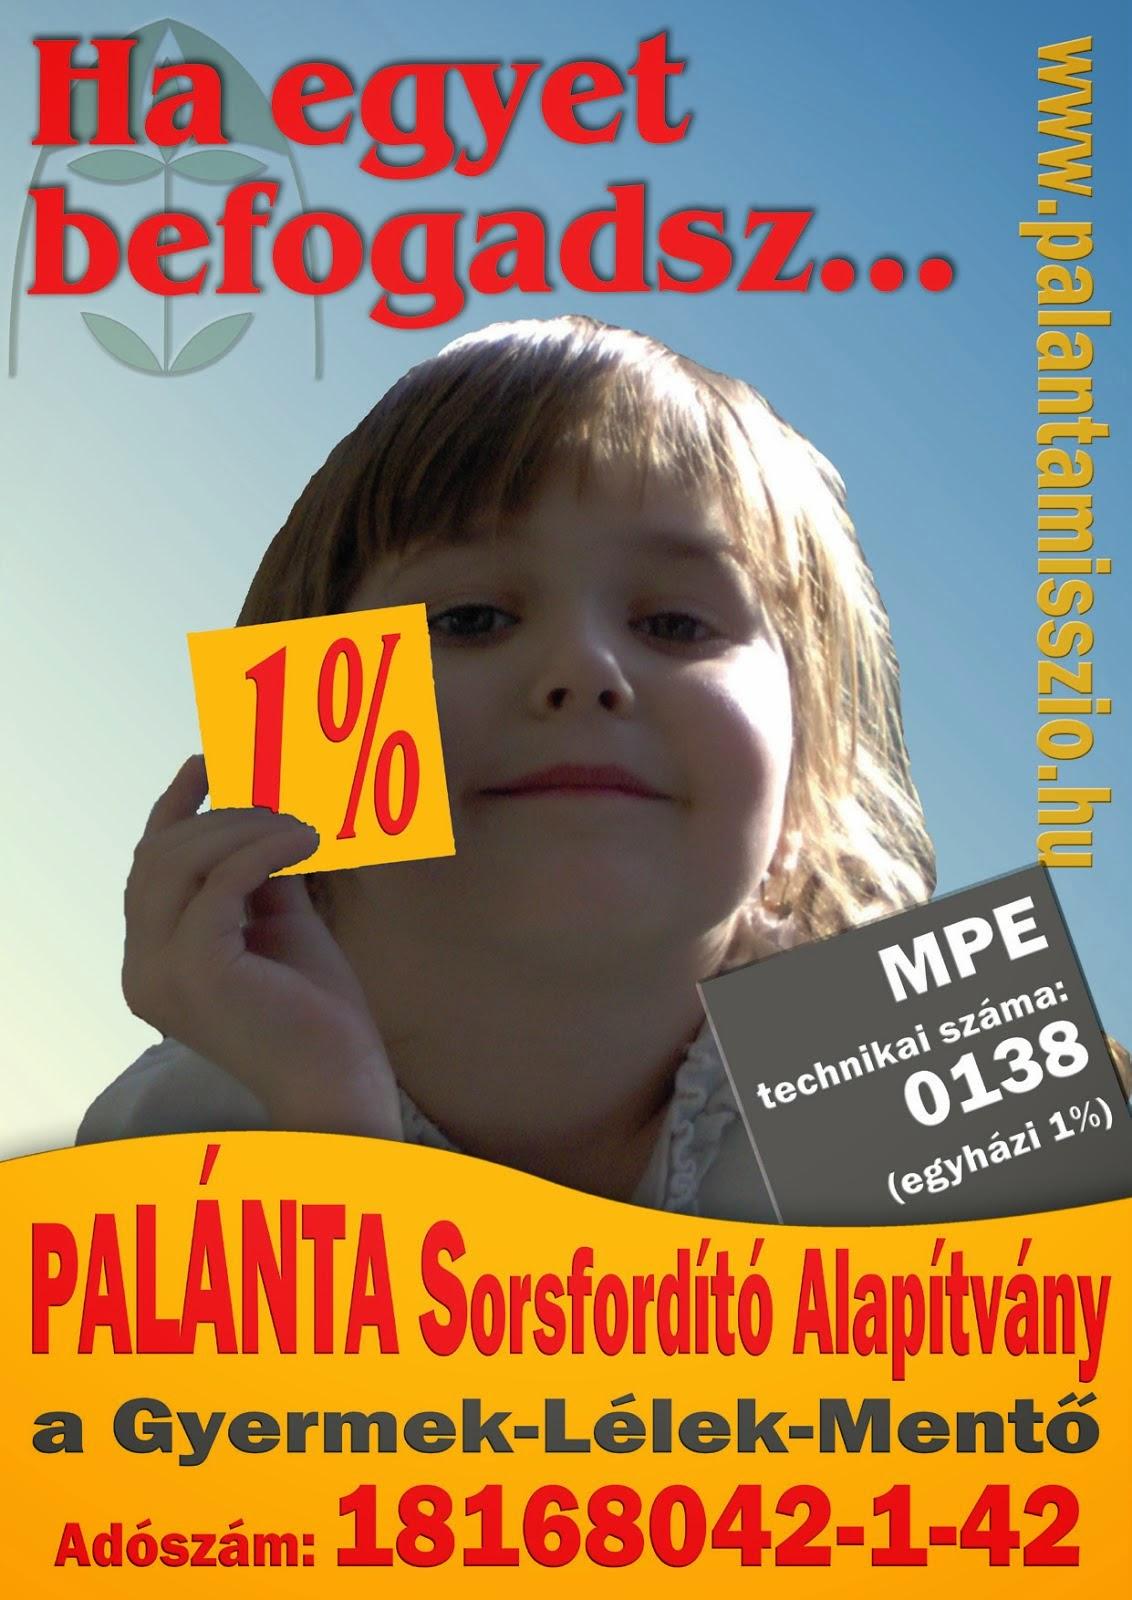 Támogassa 1%-ával a Palánta Gyermek-Lélek-Mentő munkáját! Támogatását köszönjük! :)